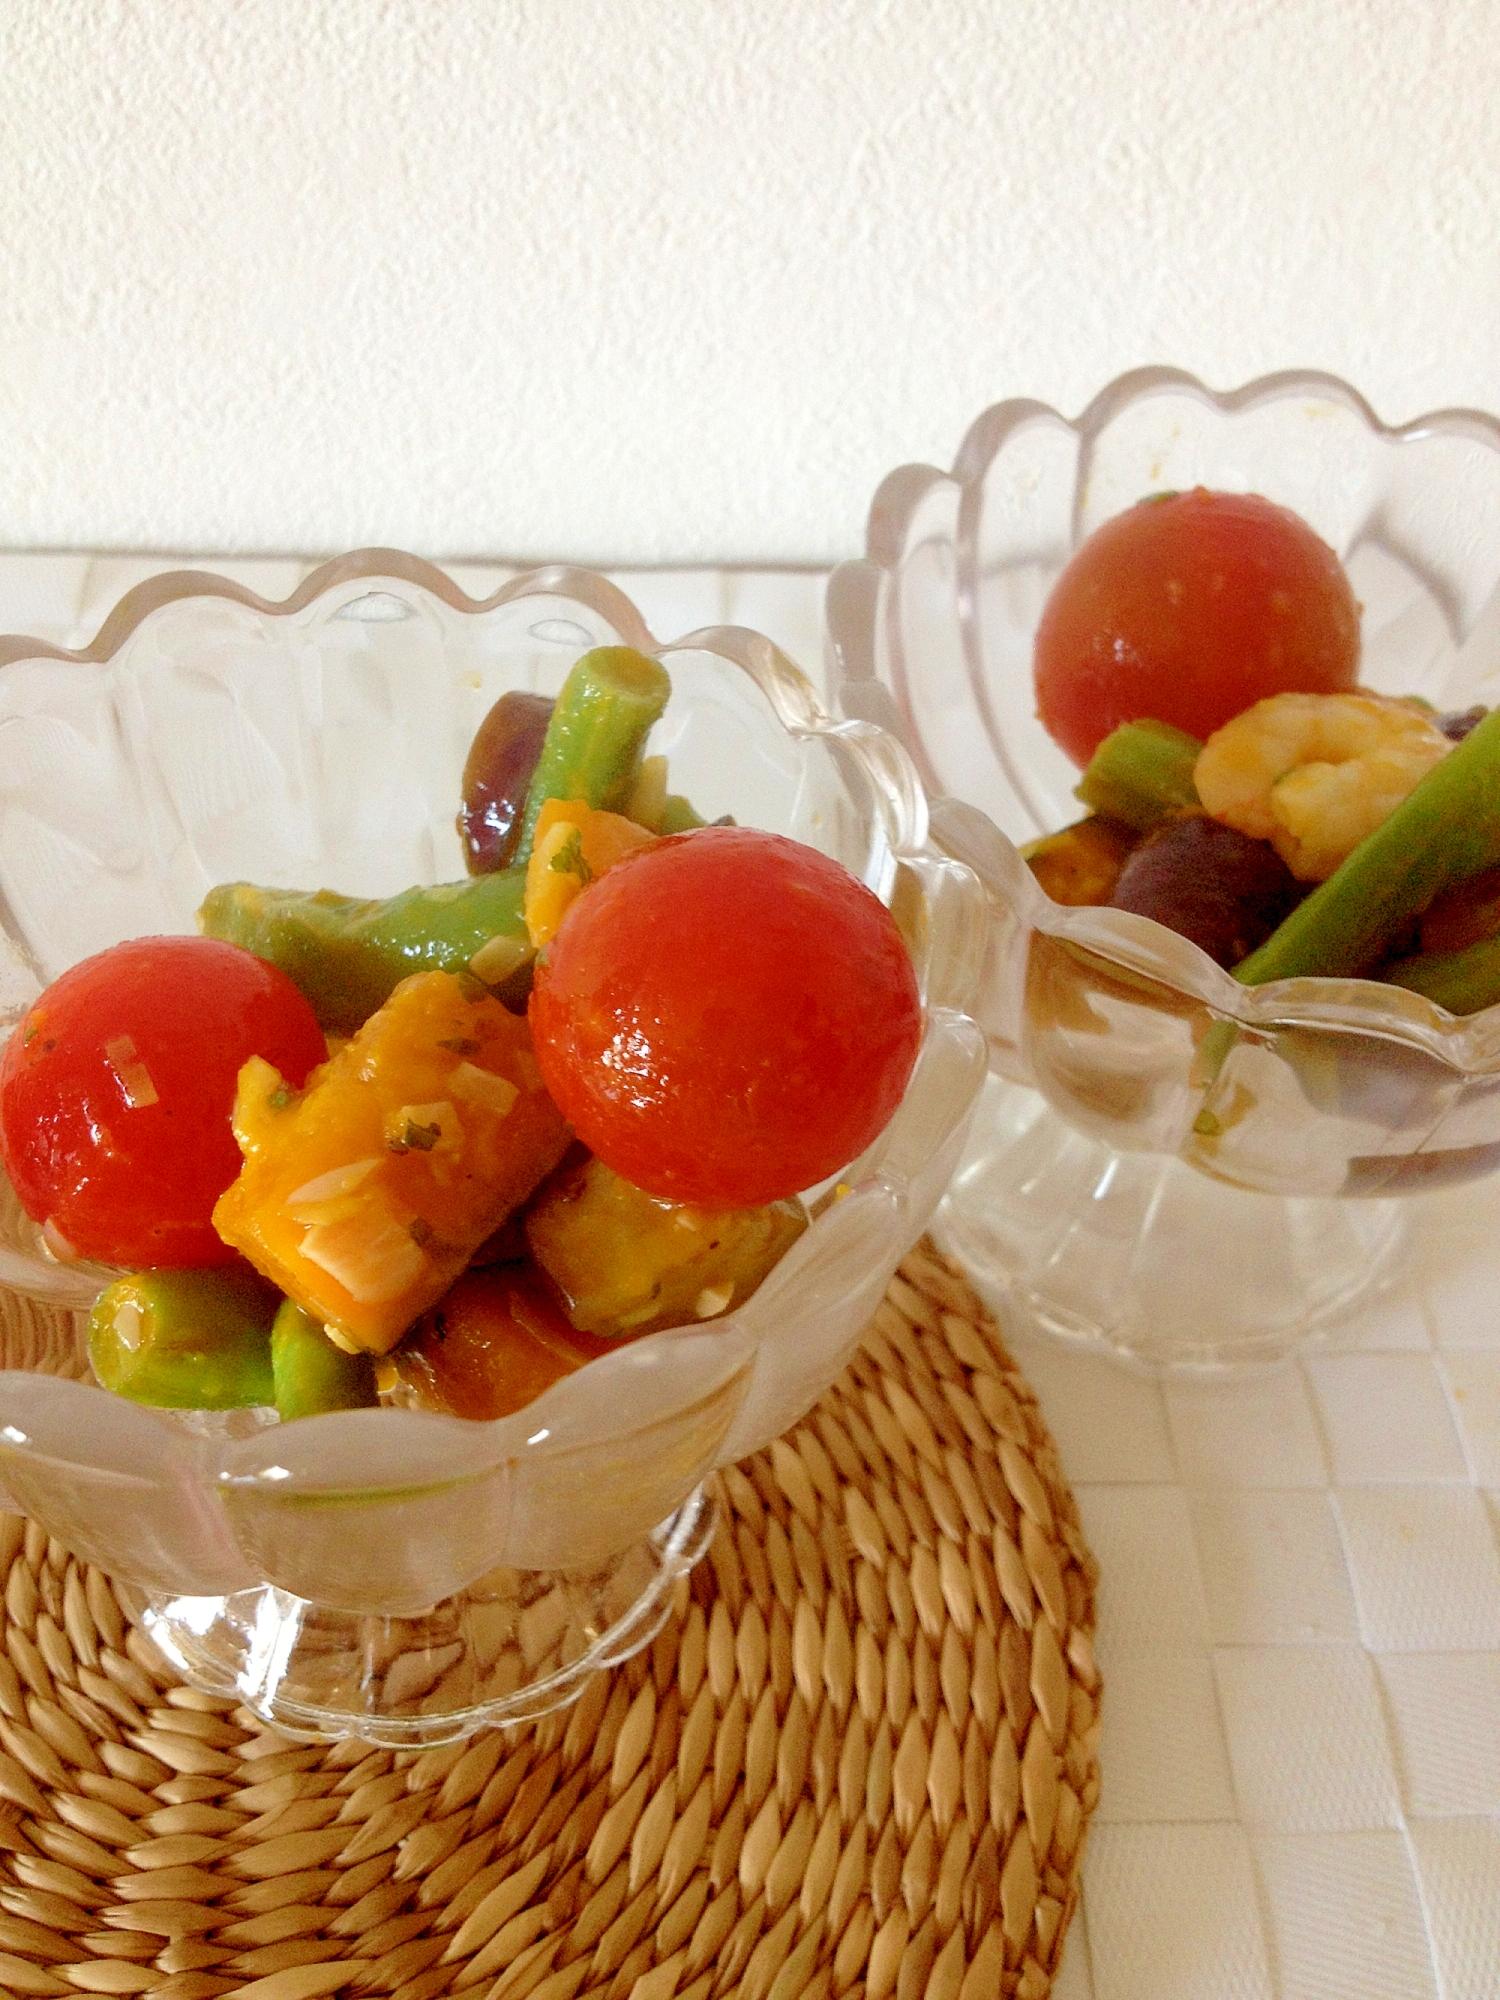 【お手伝いレシピ】夏野菜のコロコロサラダマリネ